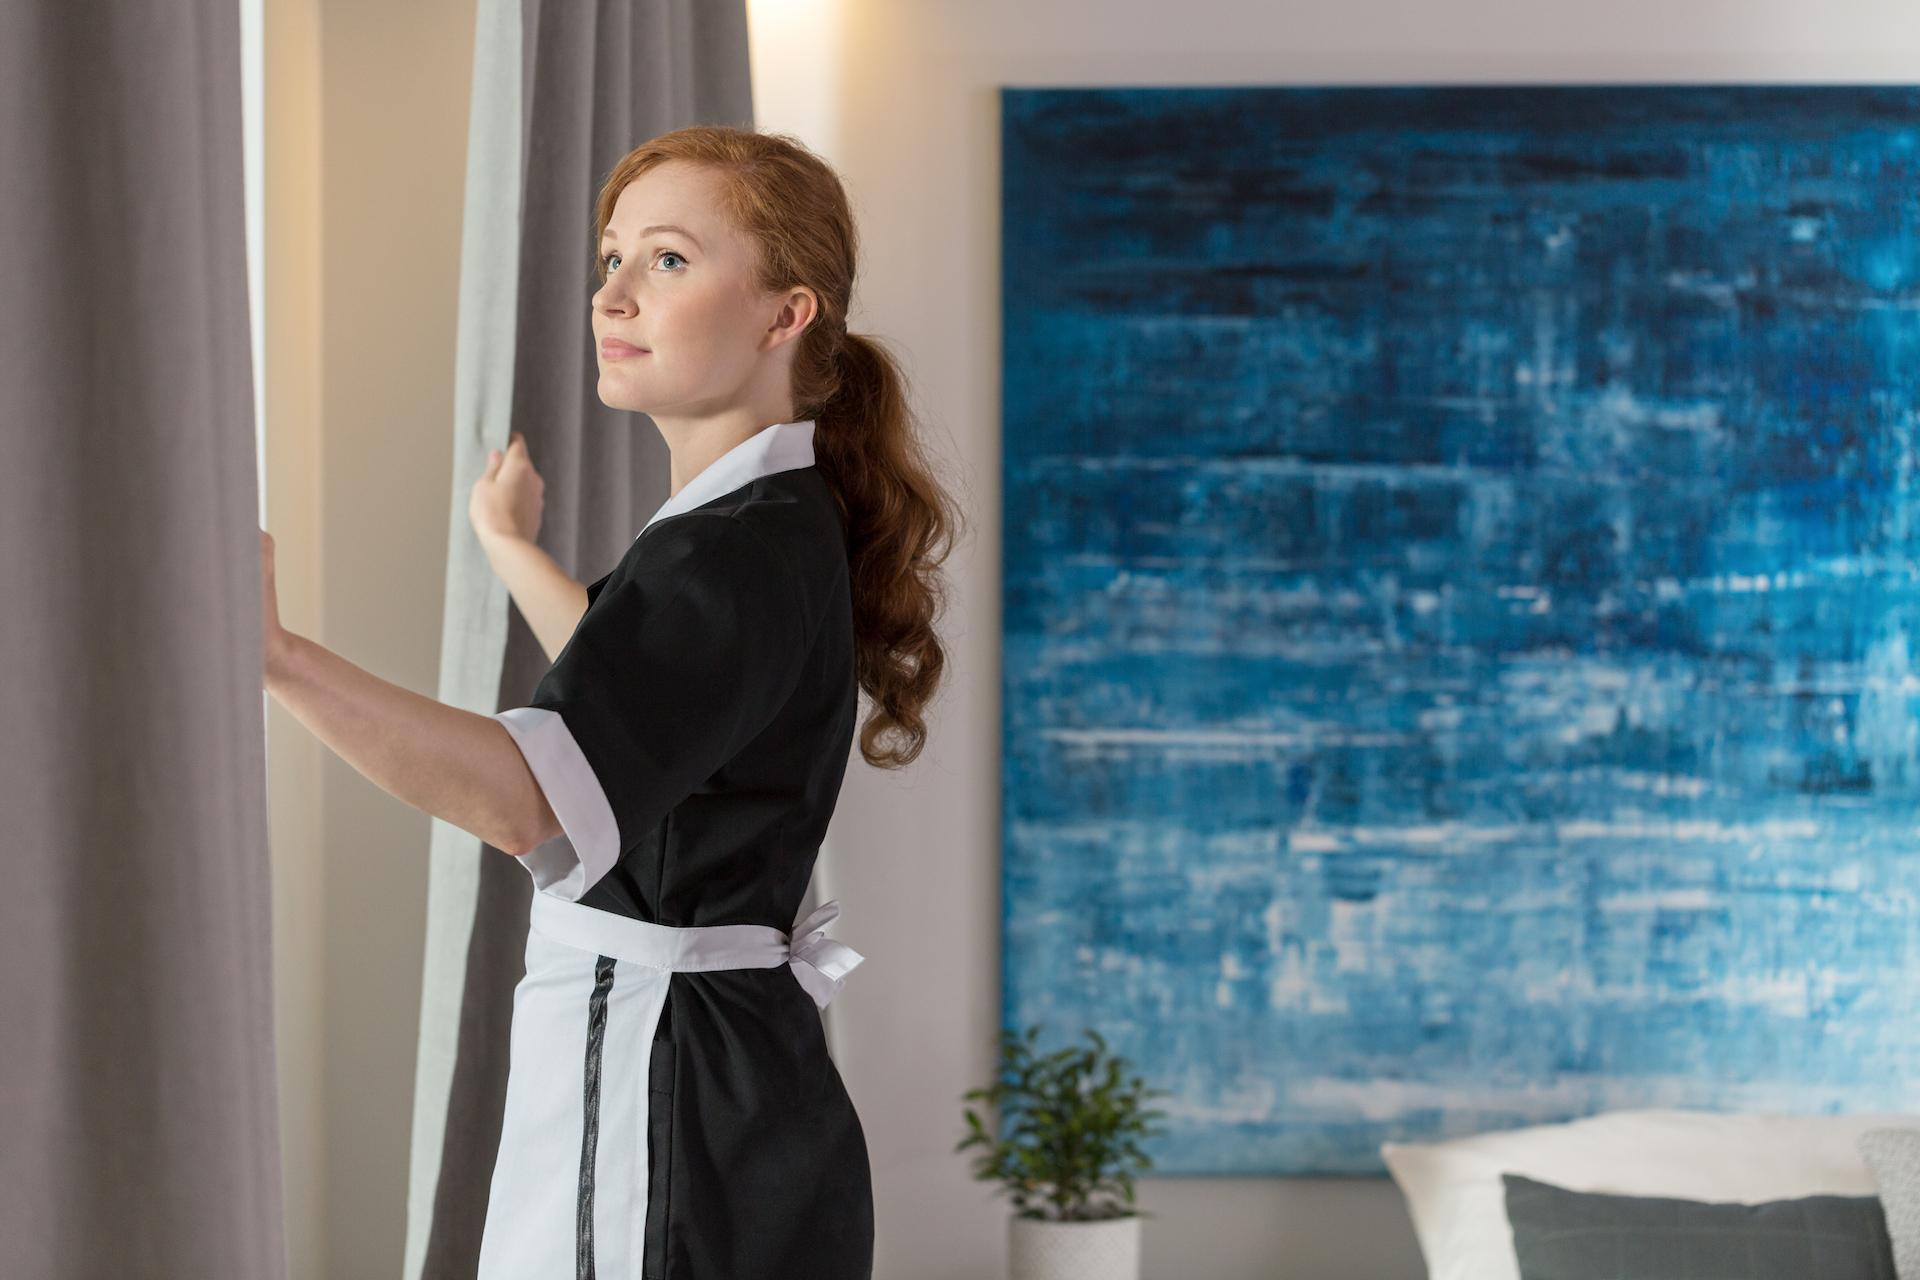 mujer-vestida-de-uniforme-de-limpieza-abre-cortinas en-ventana